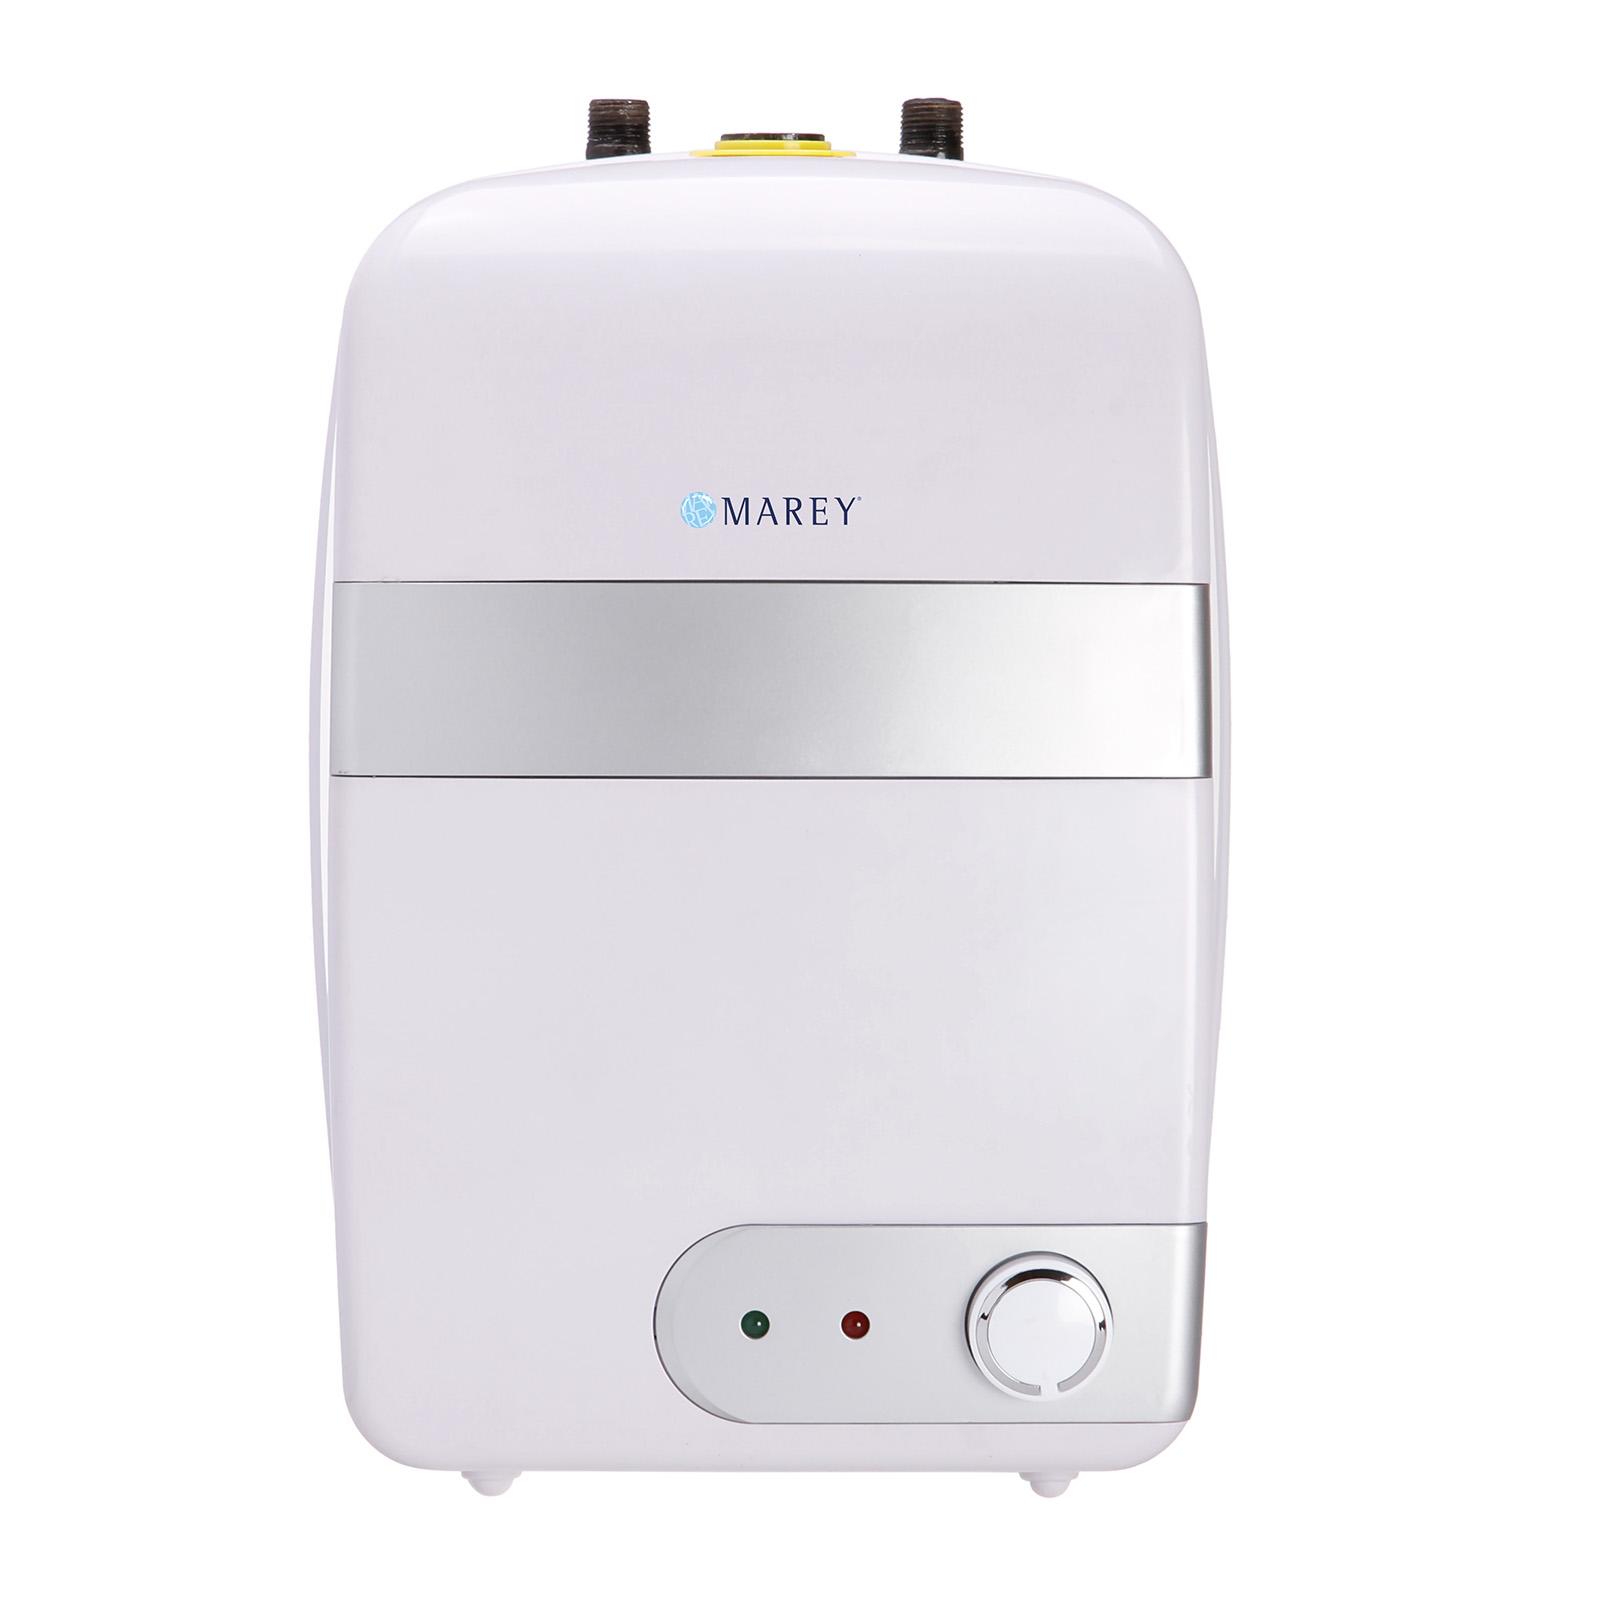 Marey Mini Tank electric water heater 10L - 2.5 GL - 120V TANK10L